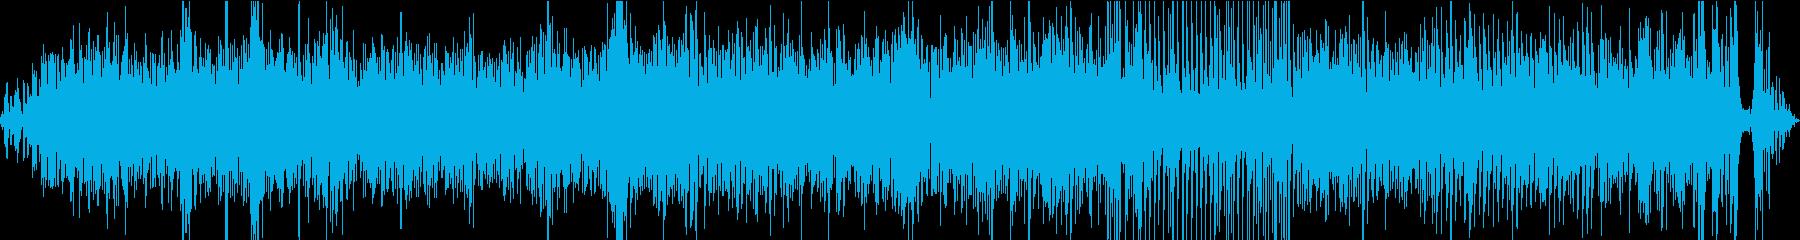 ライブコンサートアイリッシュアンド...の再生済みの波形